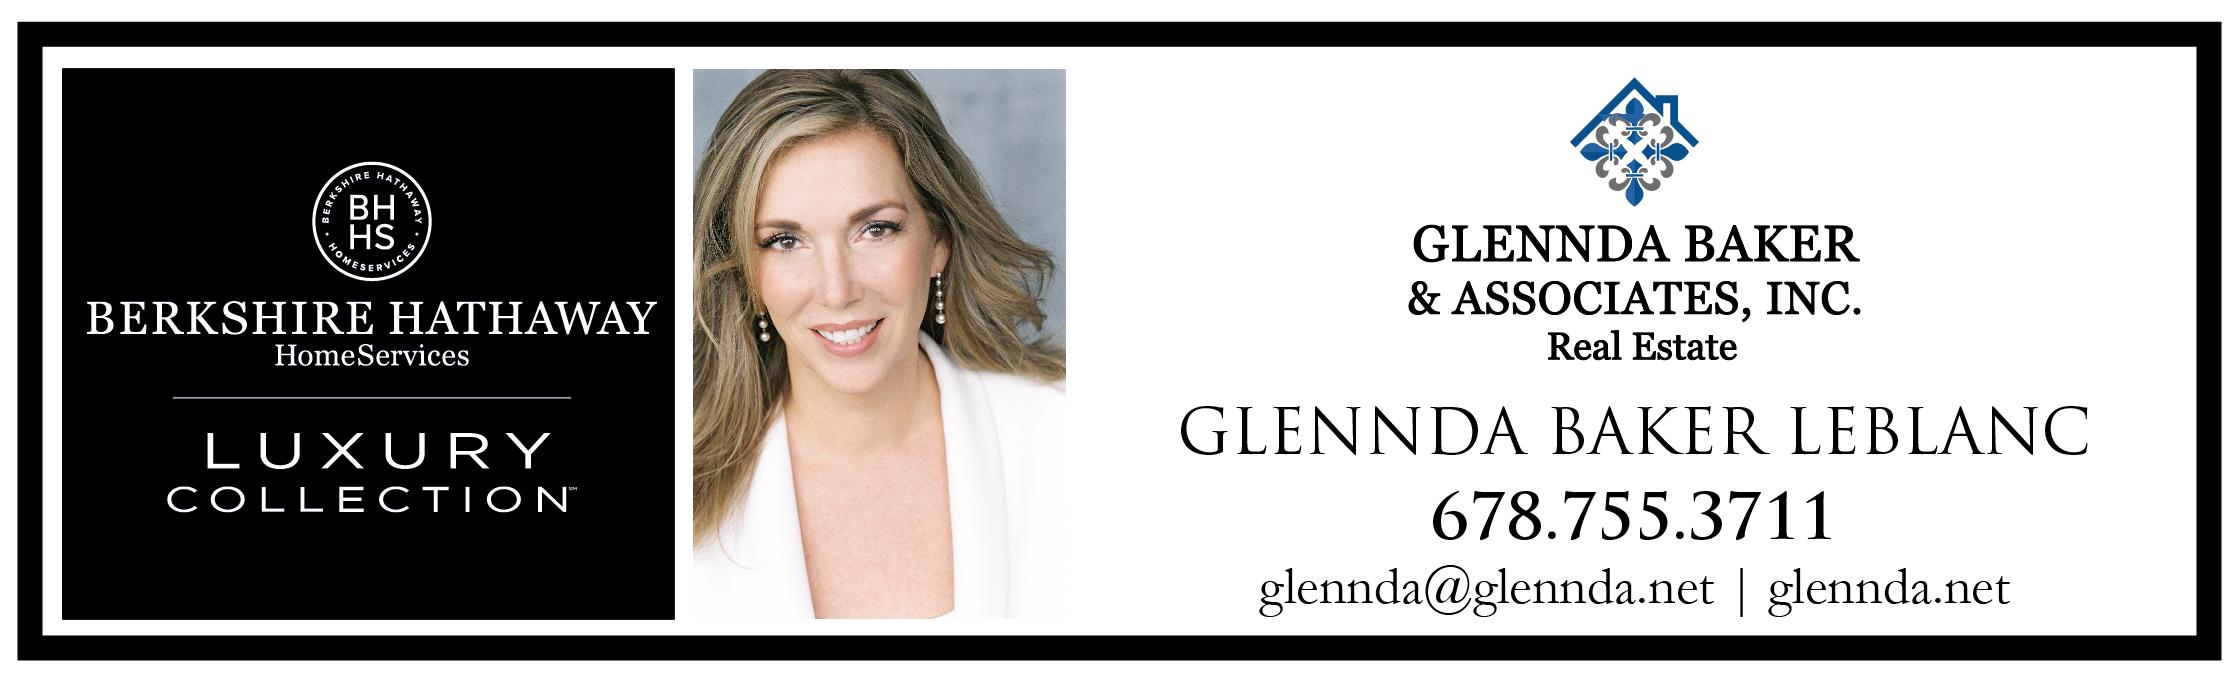 Glennda